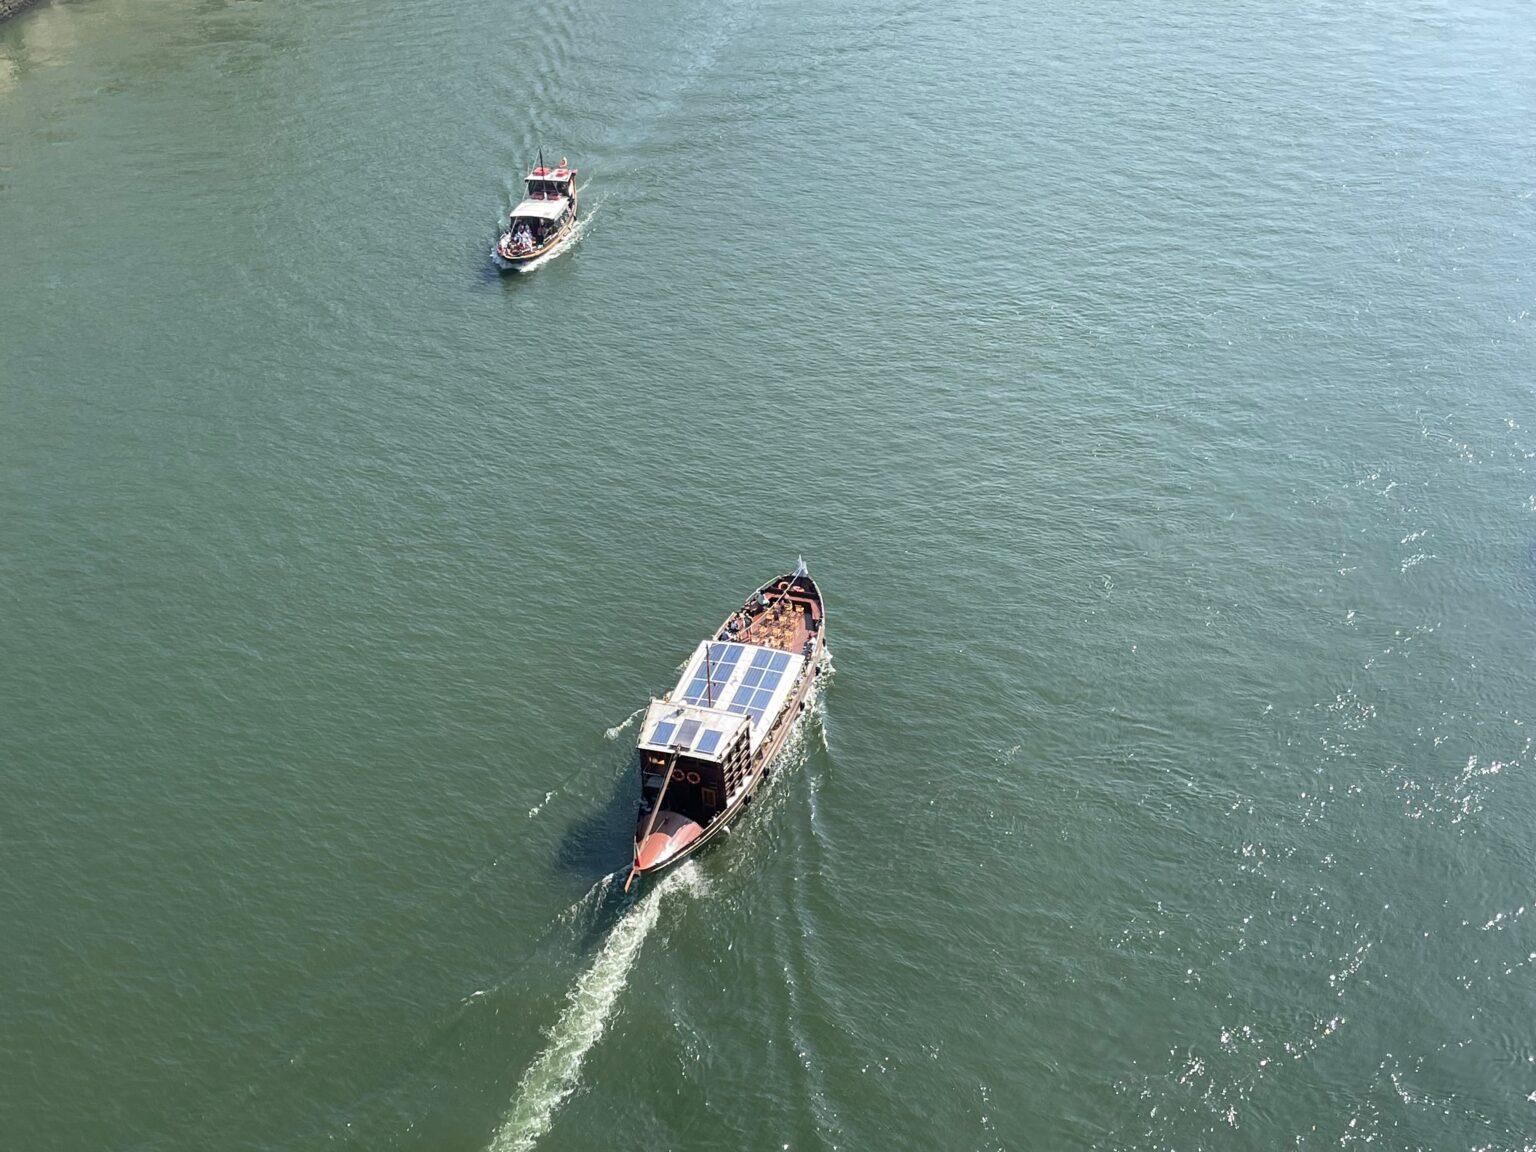 A local day cruise trip boat in Porto under the big bridge, Dom Luis I.